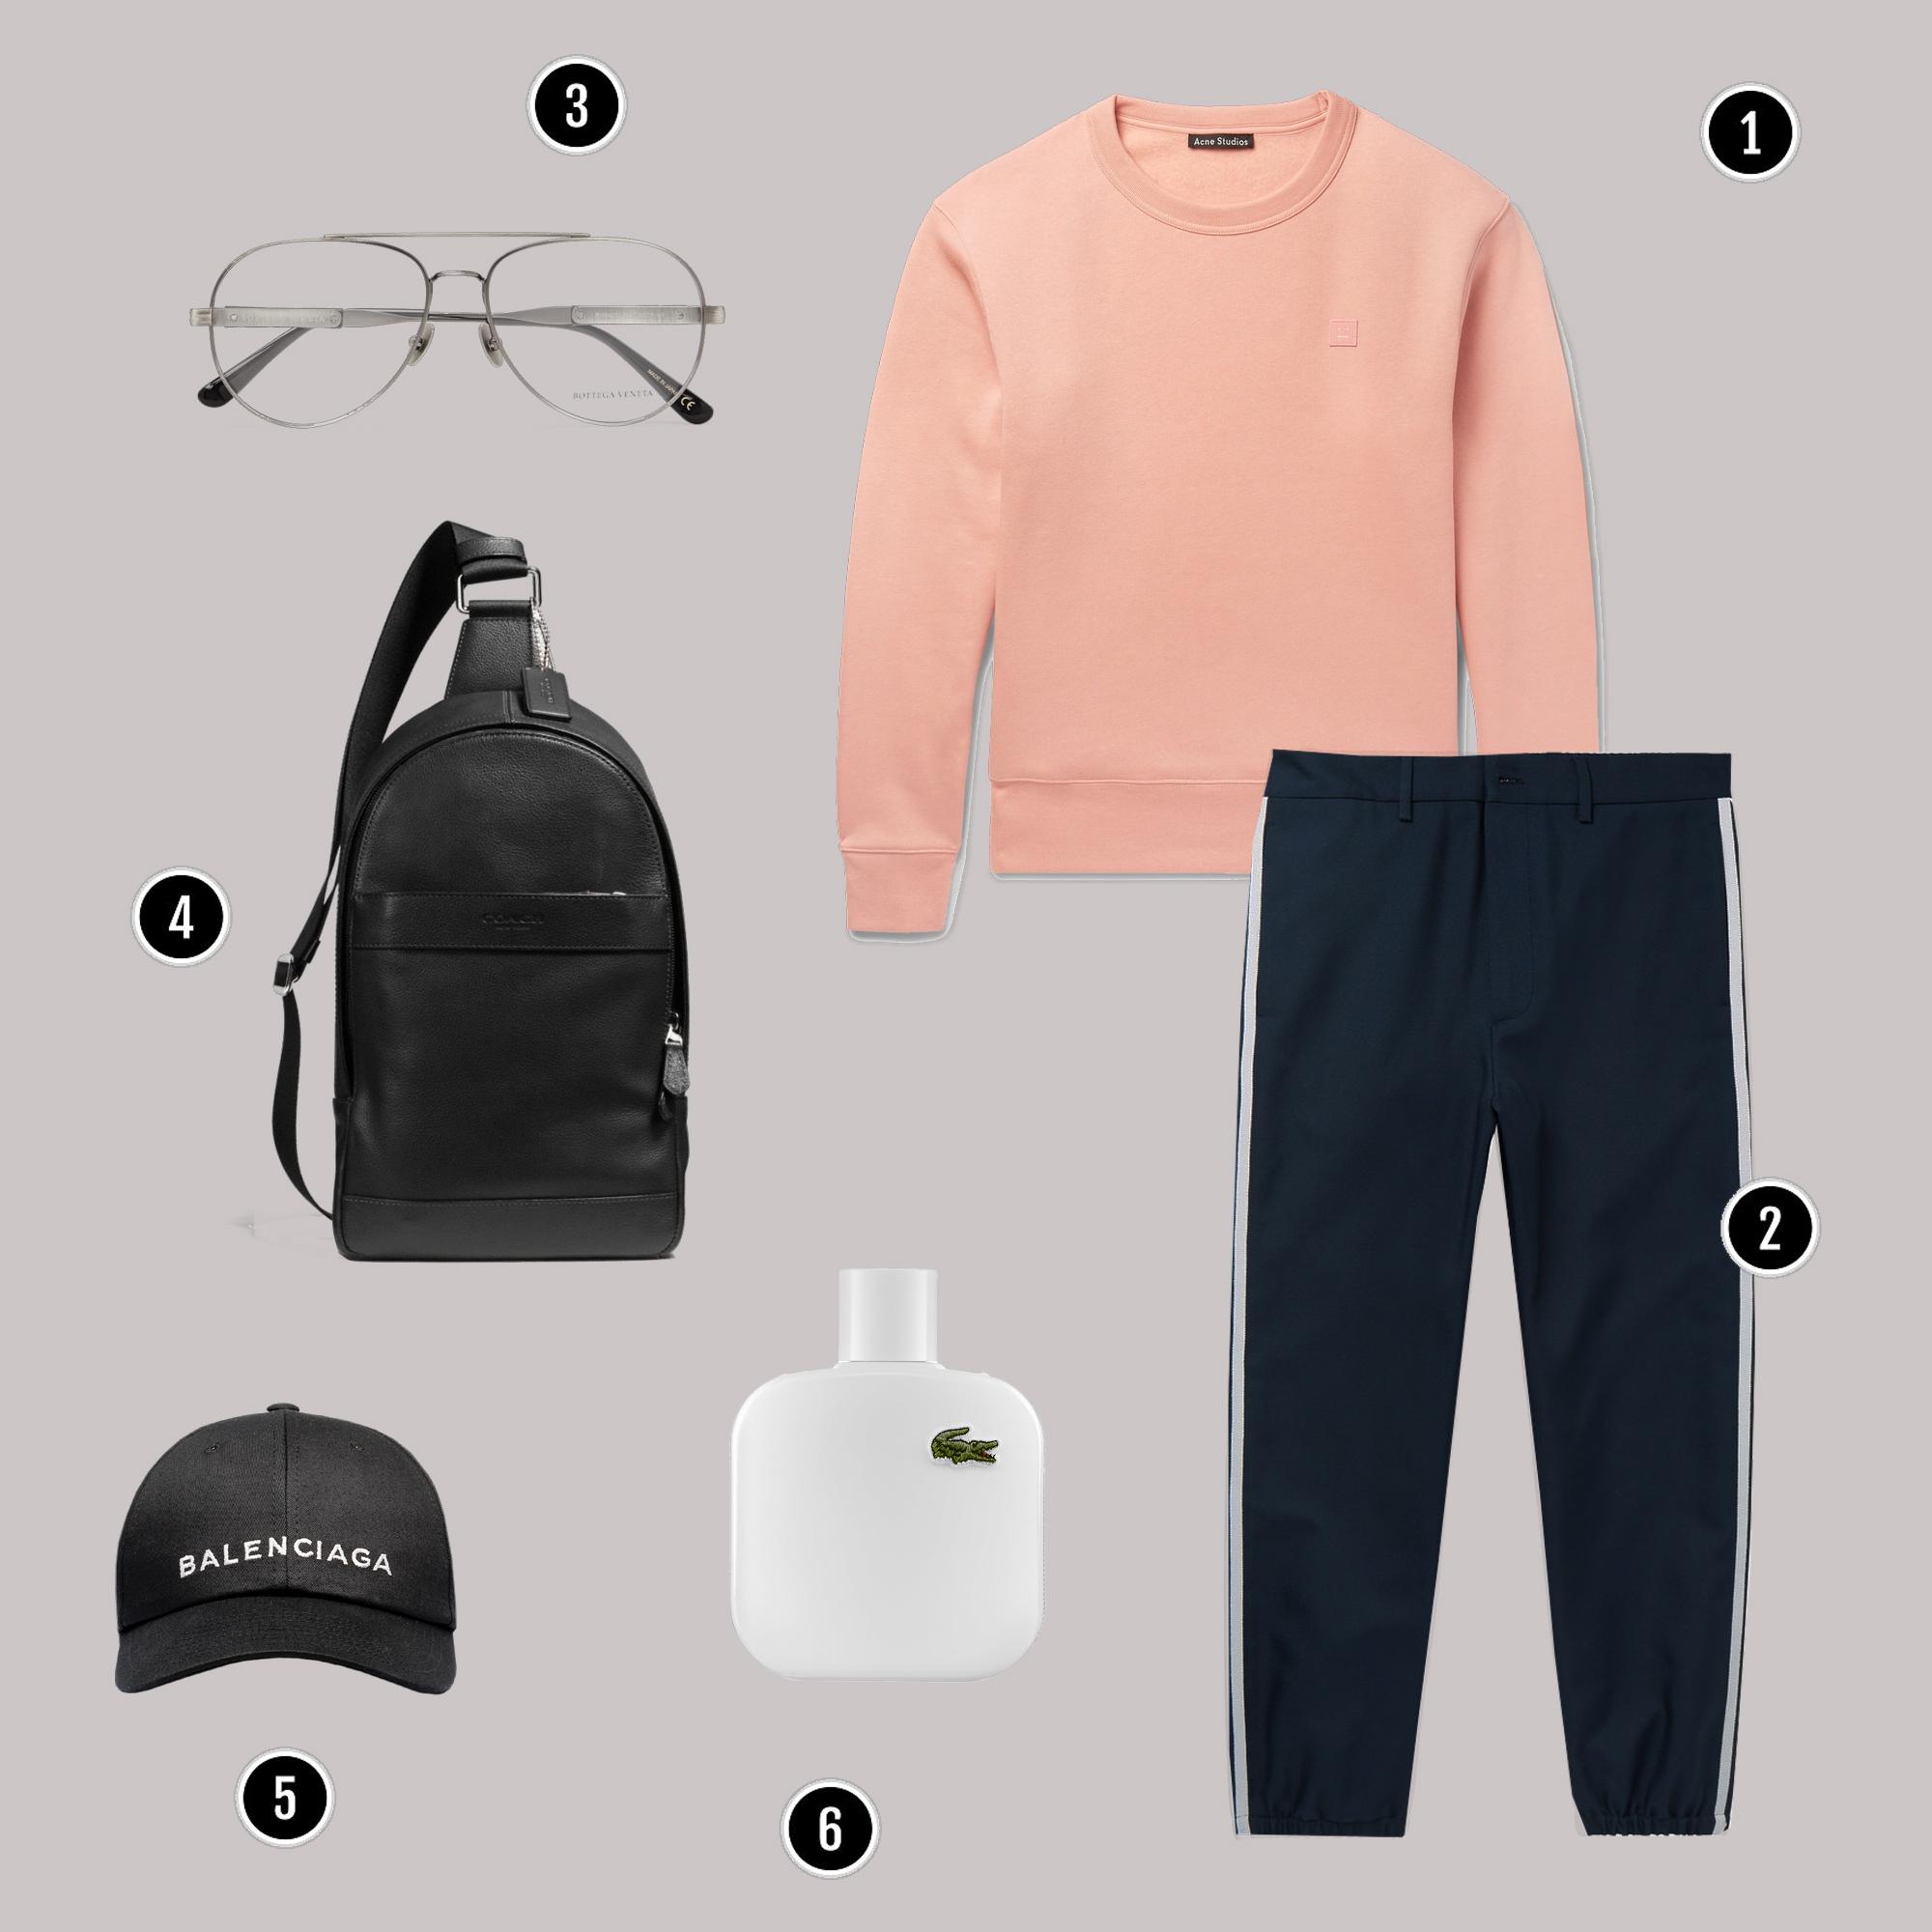 1. Áo: Acne / 2. Quần: Prada / 3. Áo: Gucci / 4. Túi: Zara / 5. Giày: Nike